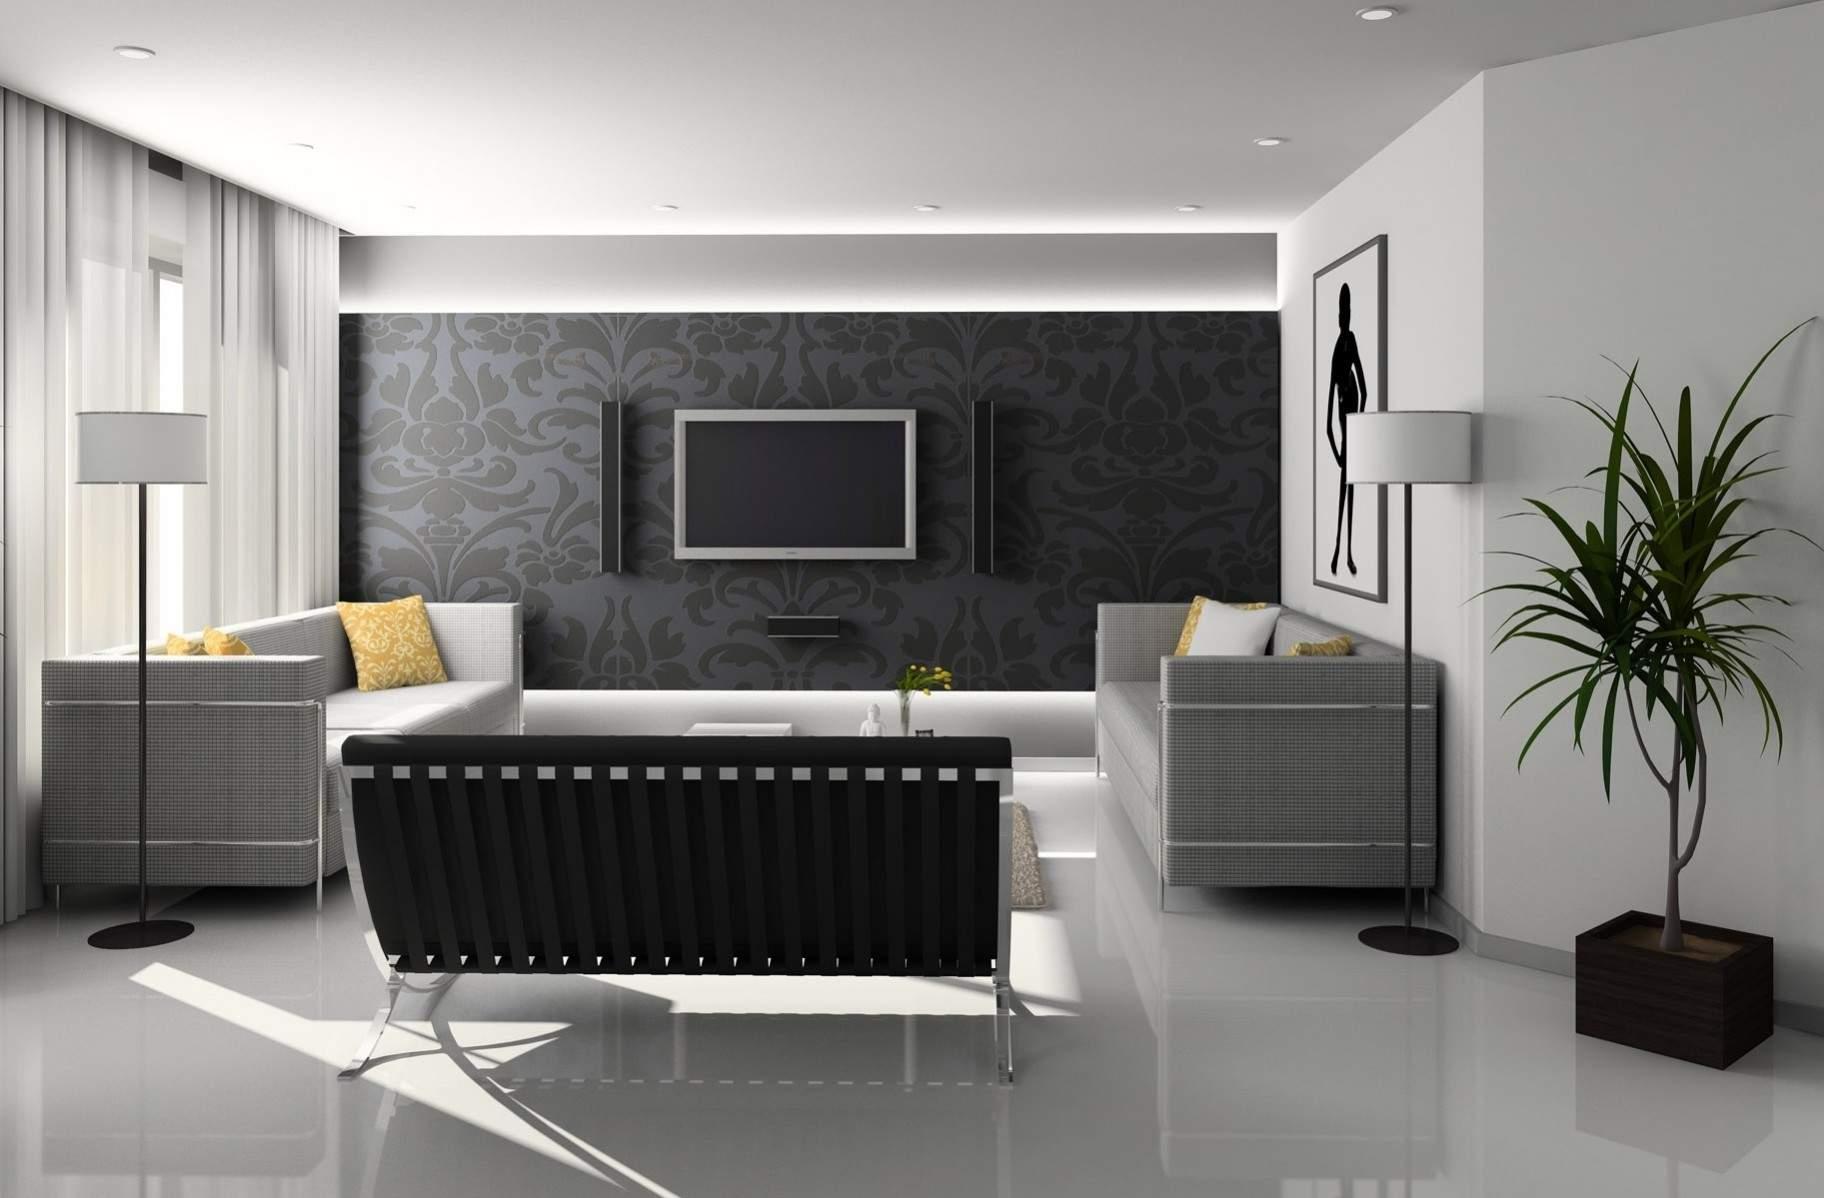 Desain Ruang Tamu Minimalis Ukuran 2x3 Ubah Ruang Minimalis Jadi